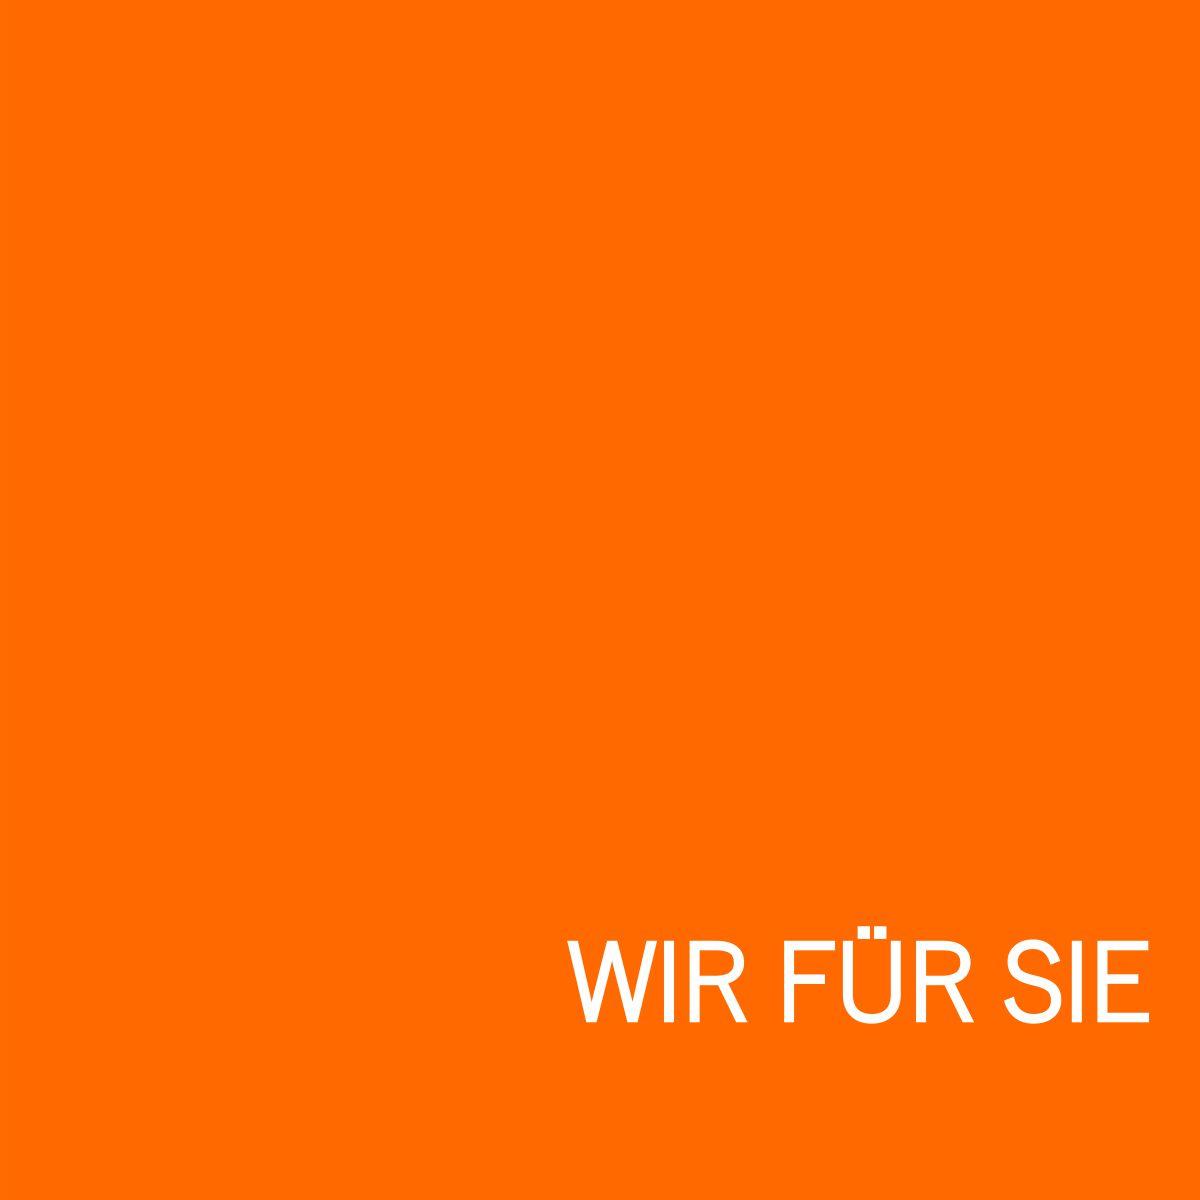 """Grafik """"Wir für Sie"""" - Beschreibung des BMS-Teams"""